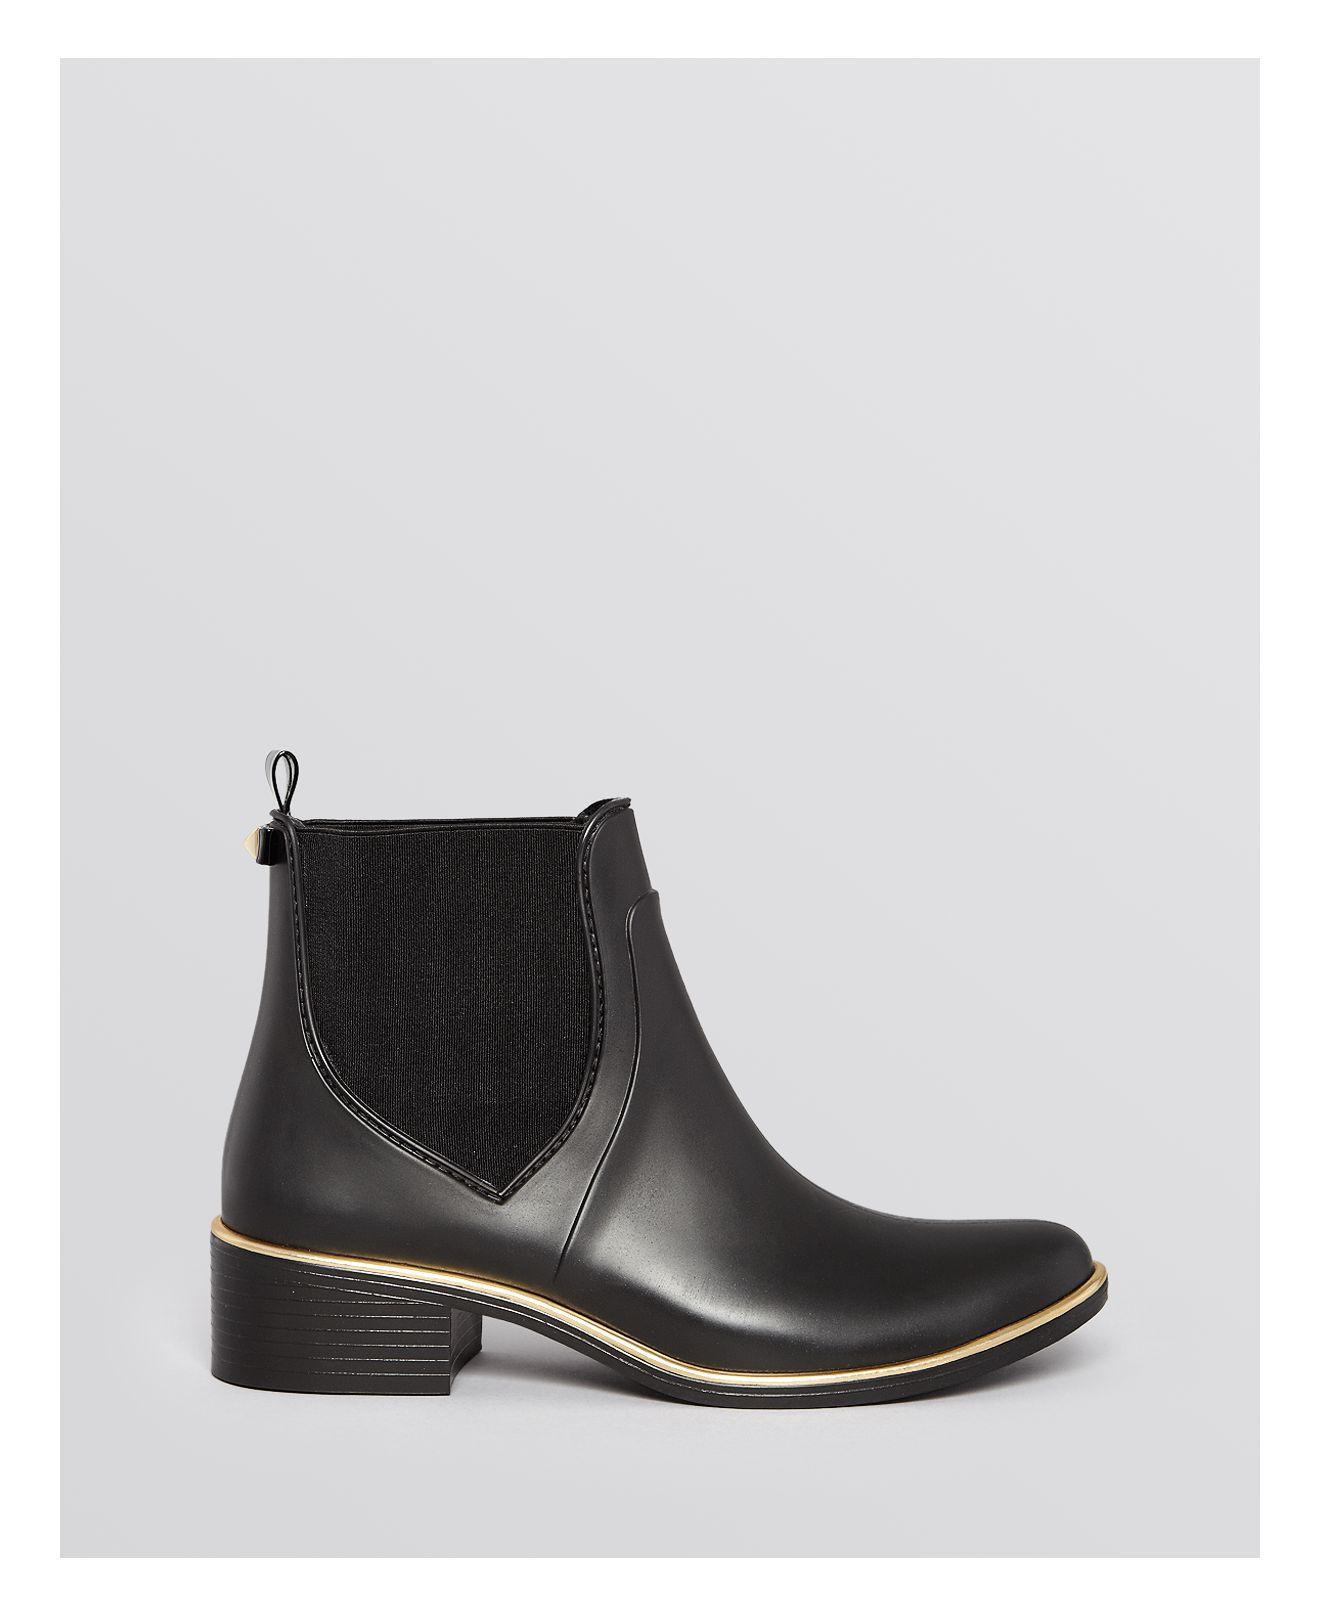 Lyst - Kate Spade New York Sedgewick Rain Booties In Black-9735